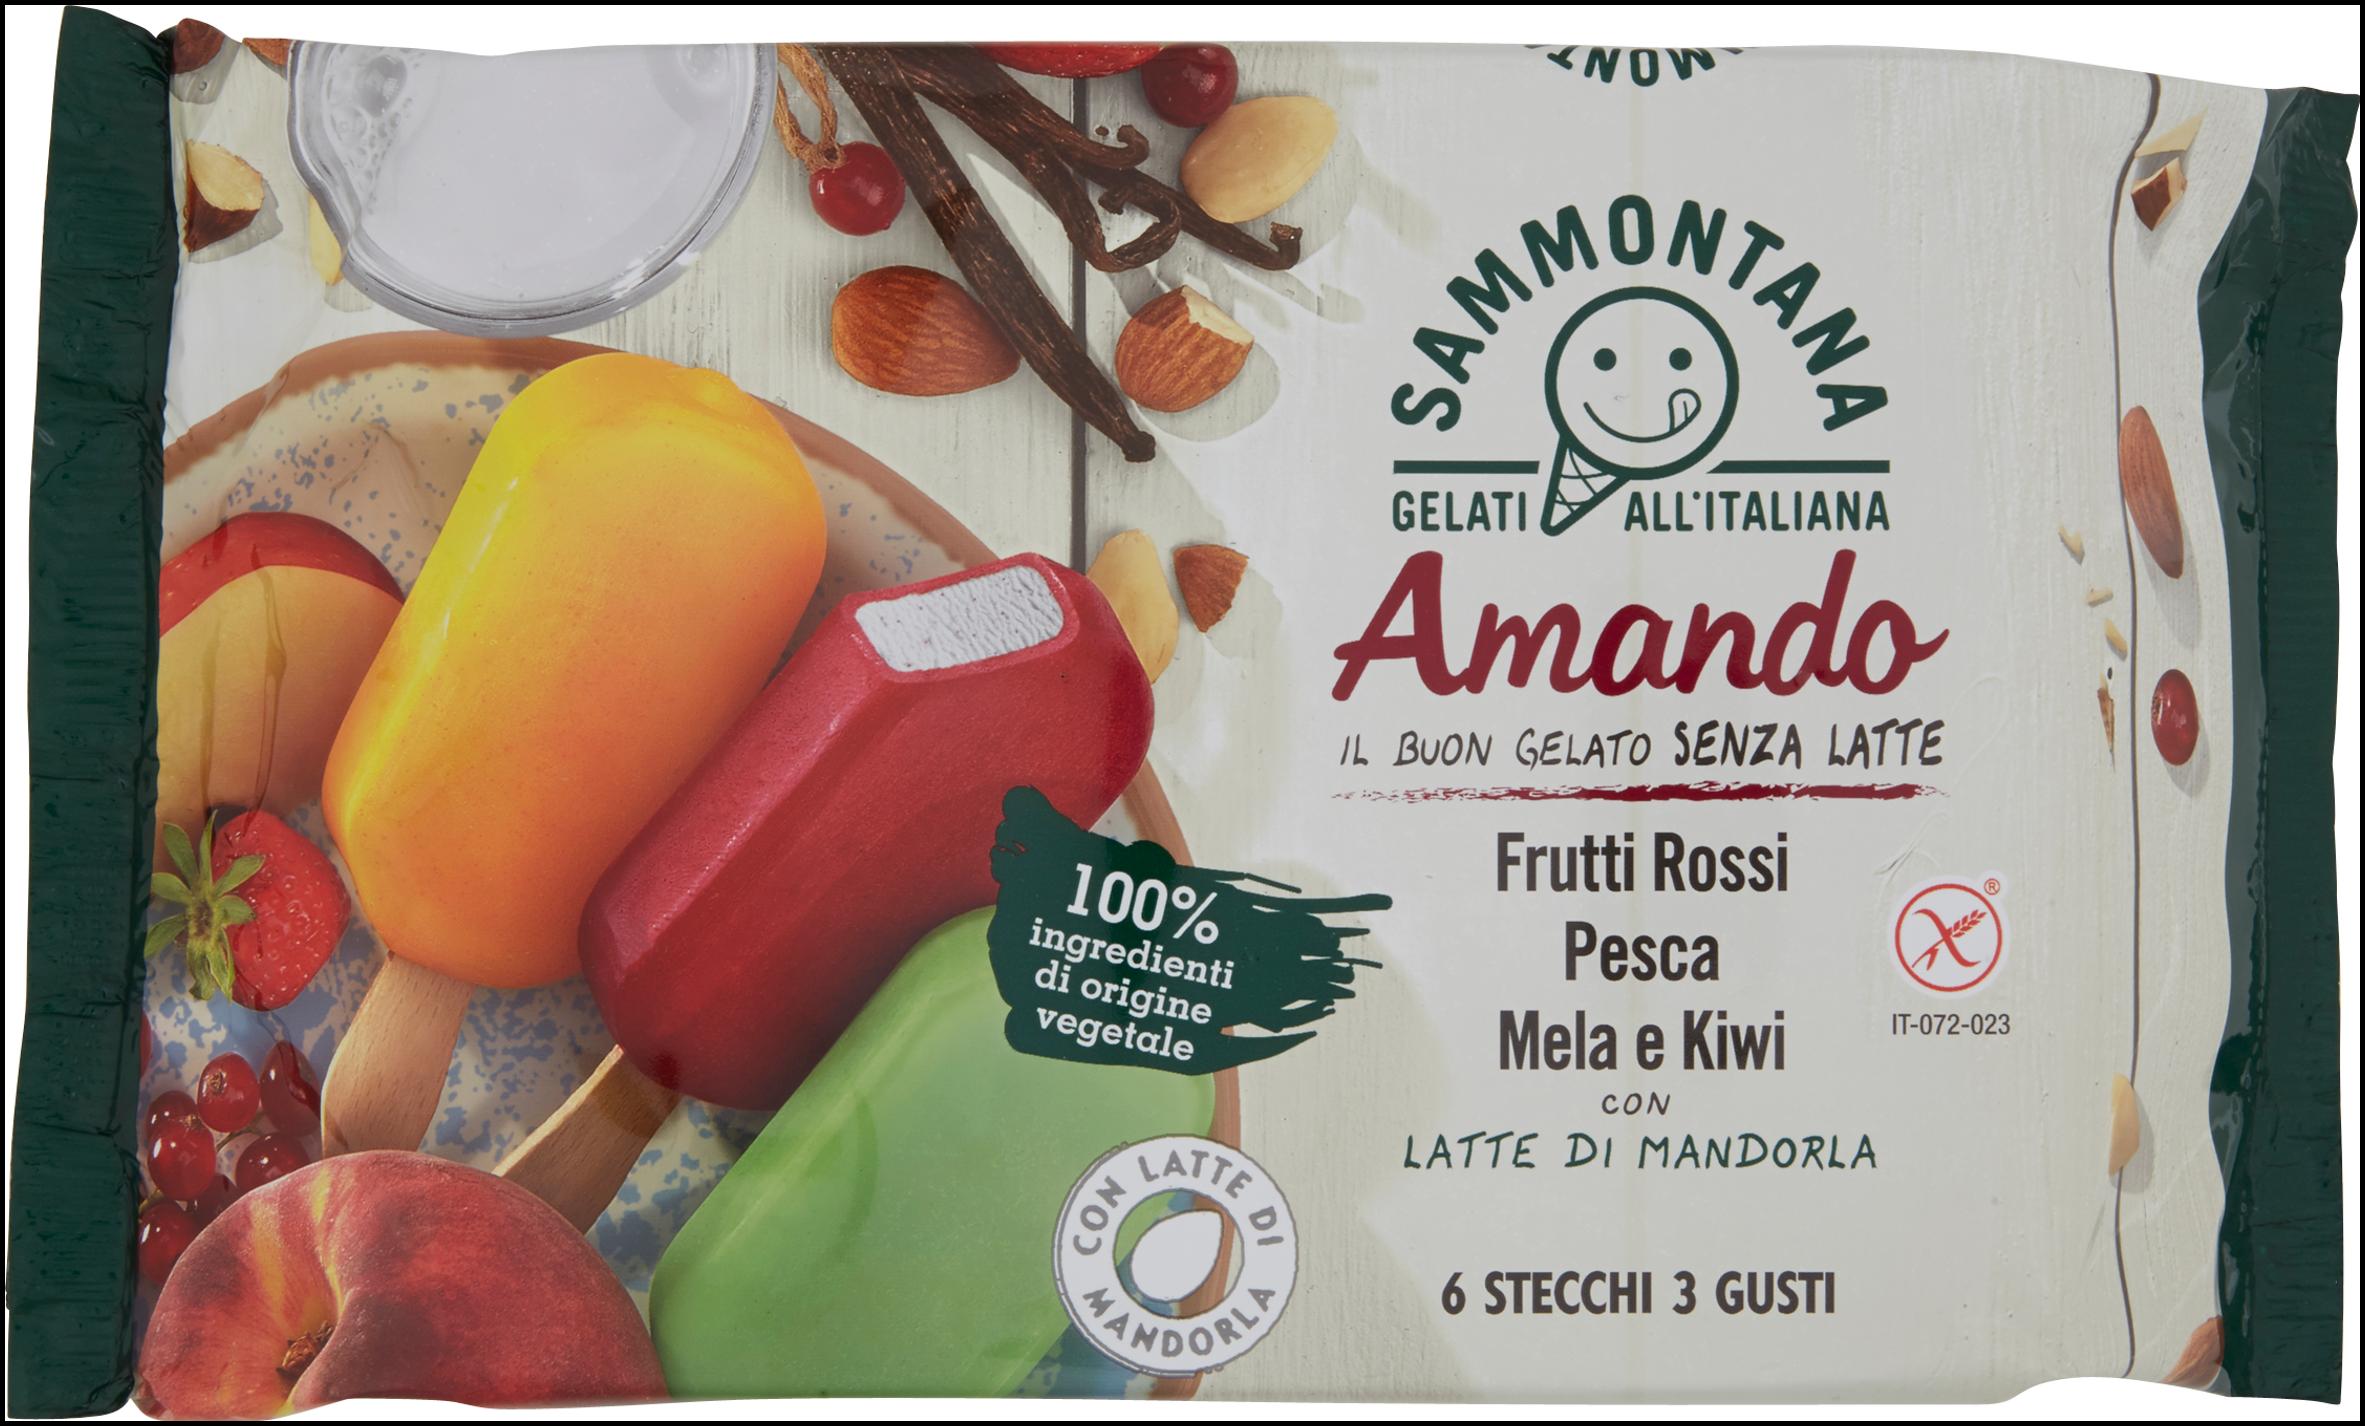 6 STECCHI AMANDO FRUTTA SAMM  PES/F.ROSS